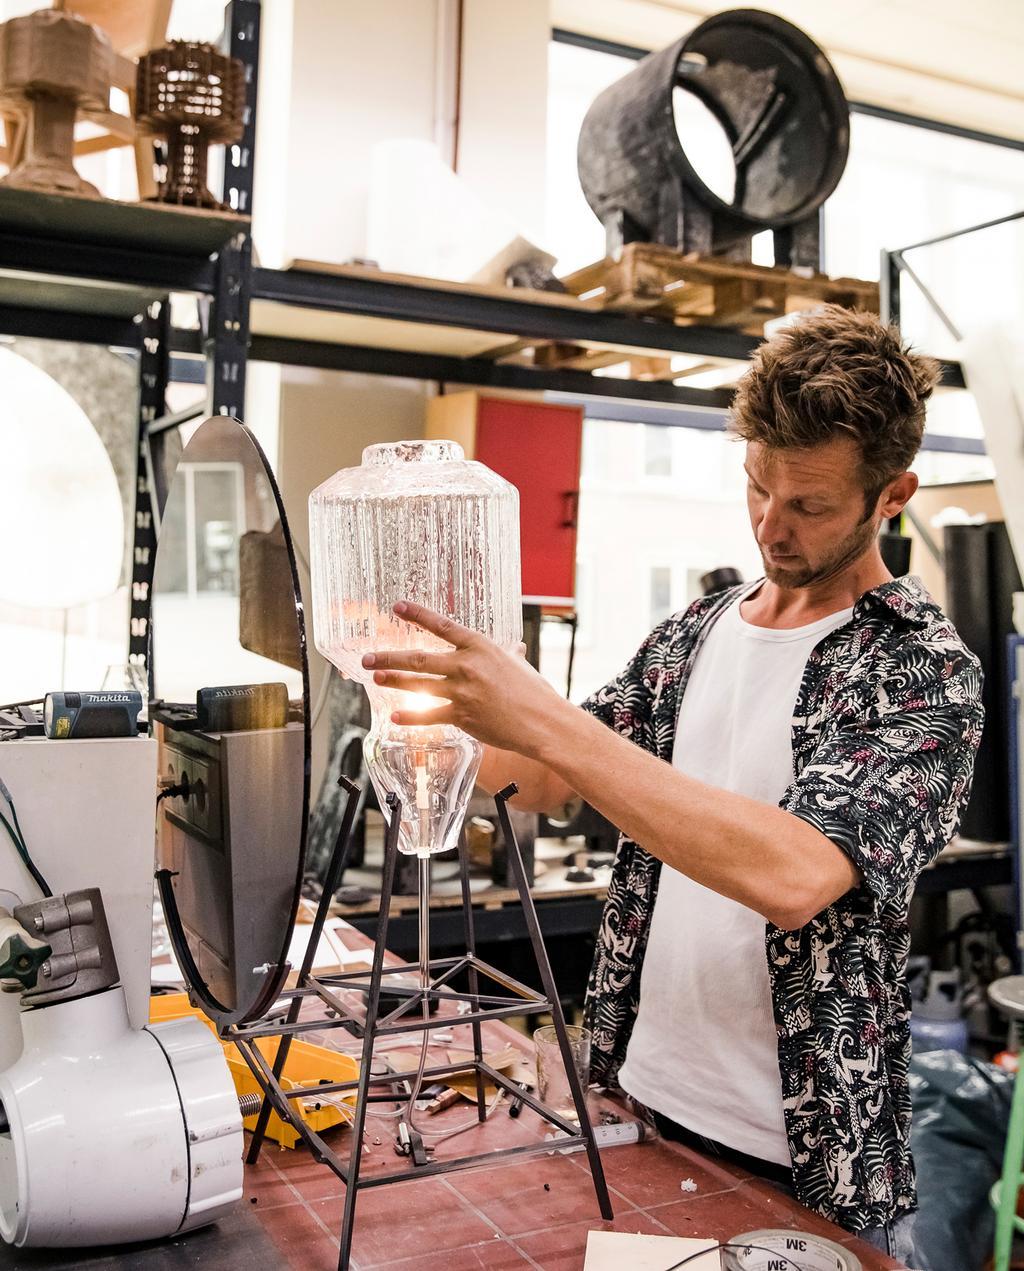 vtwonen 9-2019 | Ambacht Klaas Kuiken glazen lamp | Ambacht glas blazen